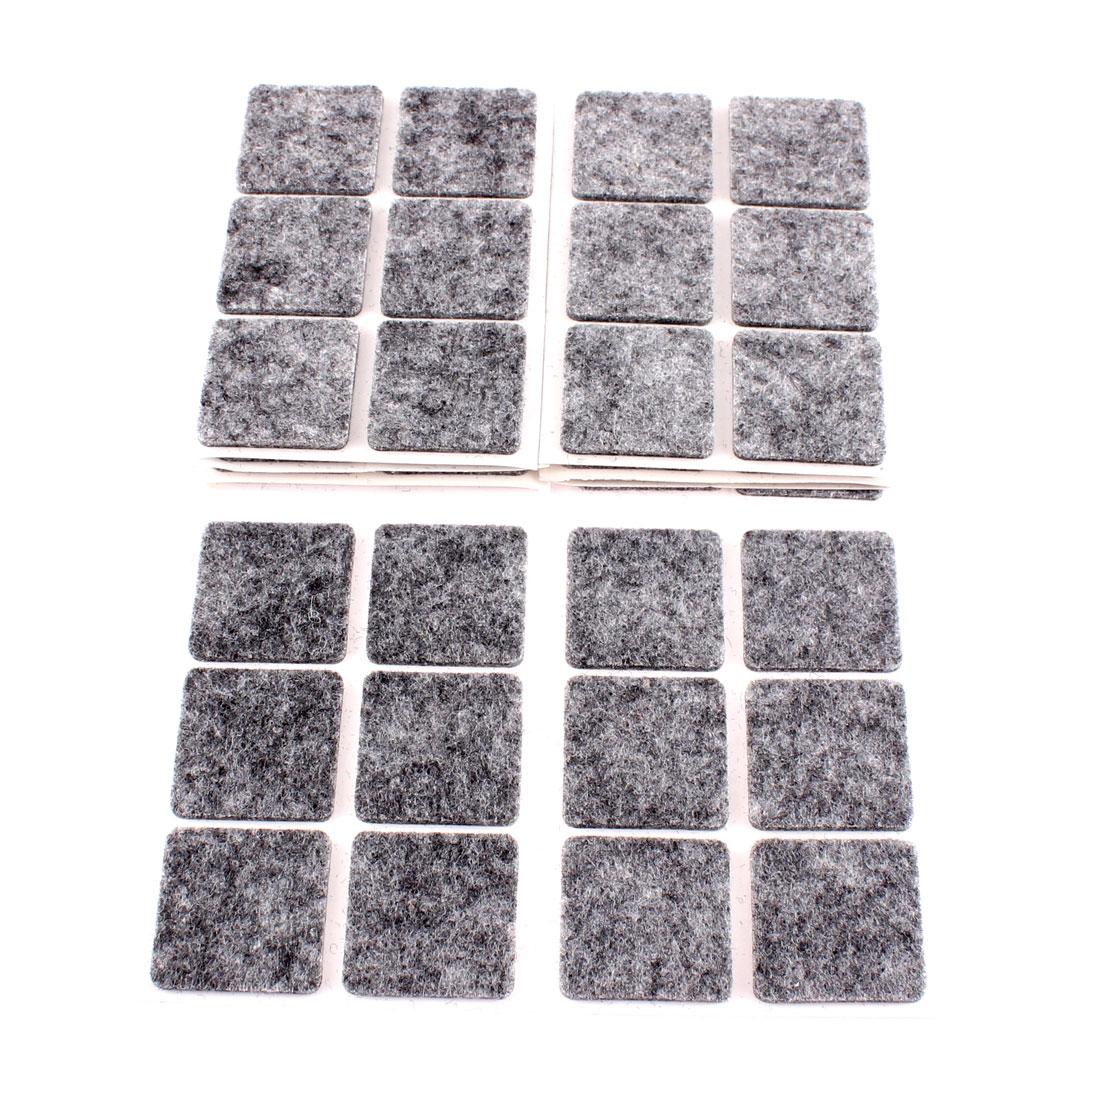 Furniture Feet Anti Skid Self-adhesive Felt Floor Protector 60 Pcs